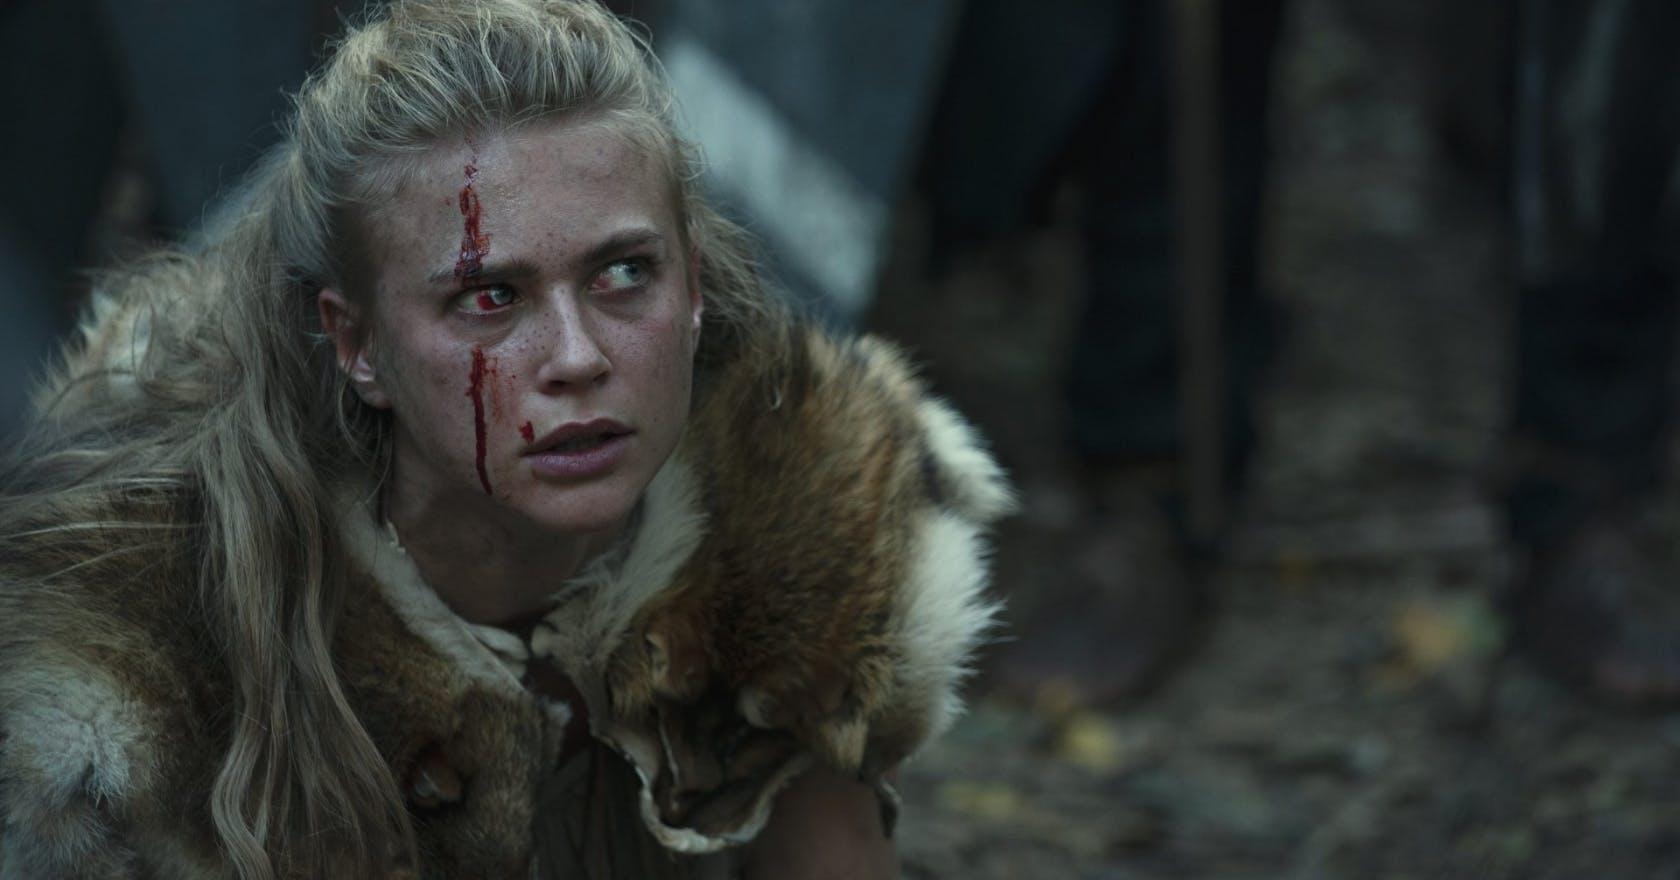 13 epic historical dramas worth streaming on Netflix